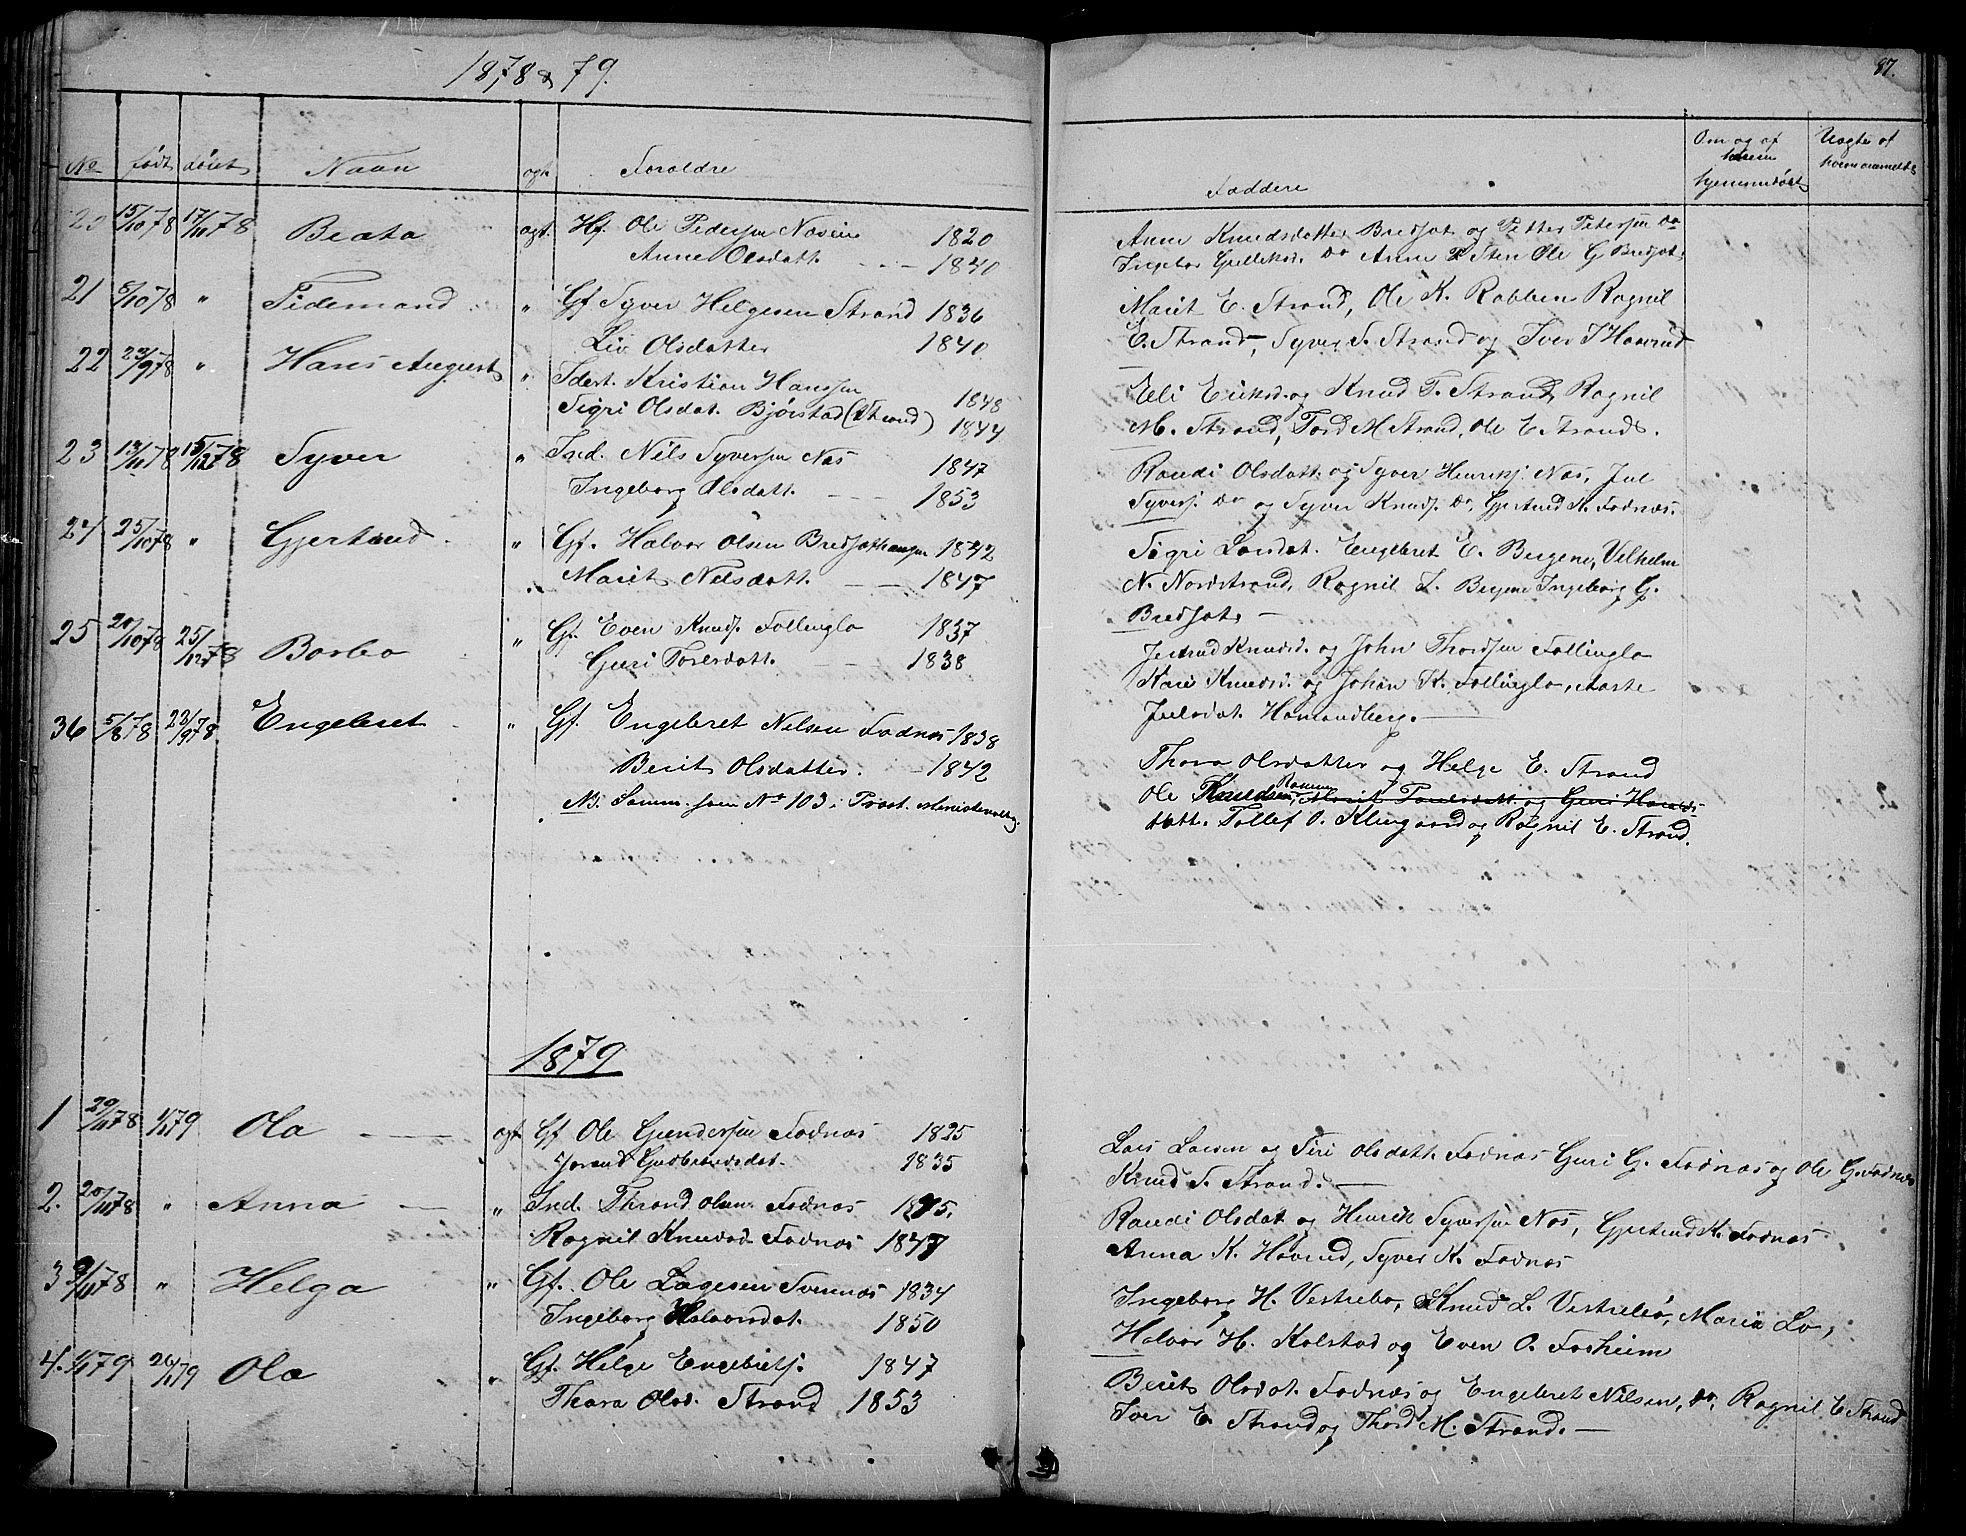 SAH, Nord-Aurdal prestekontor, Klokkerbok nr. 3, 1842-1882, s. 87